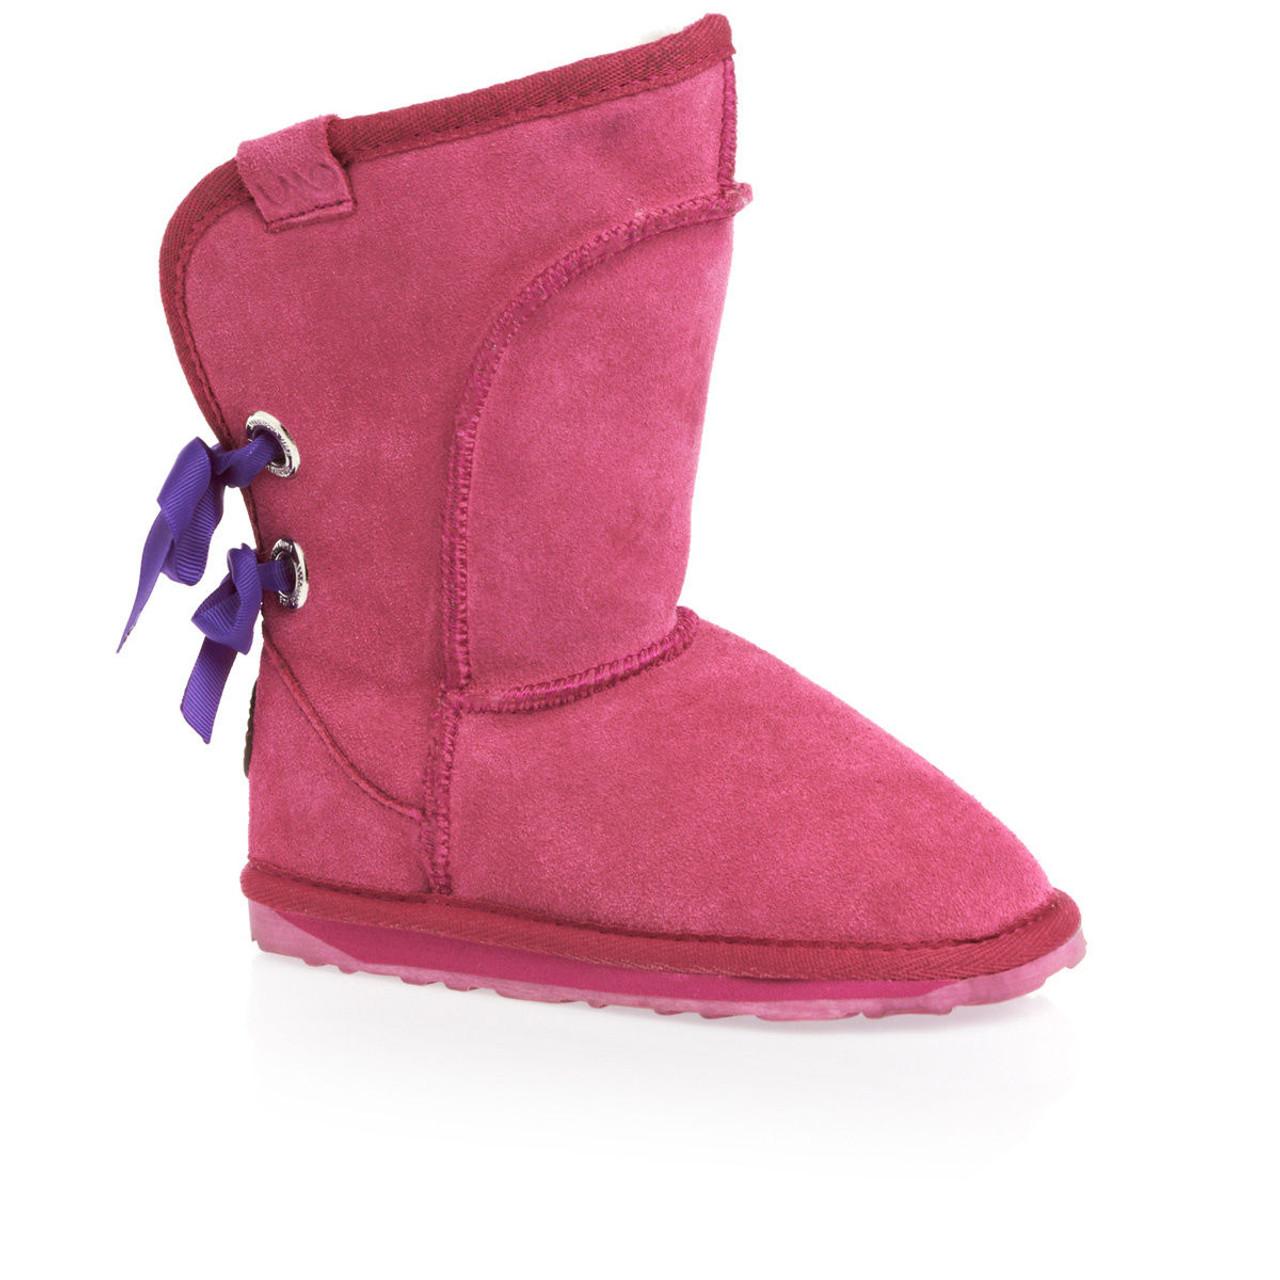 78aa28610ba Emu Lola - Hot Pink